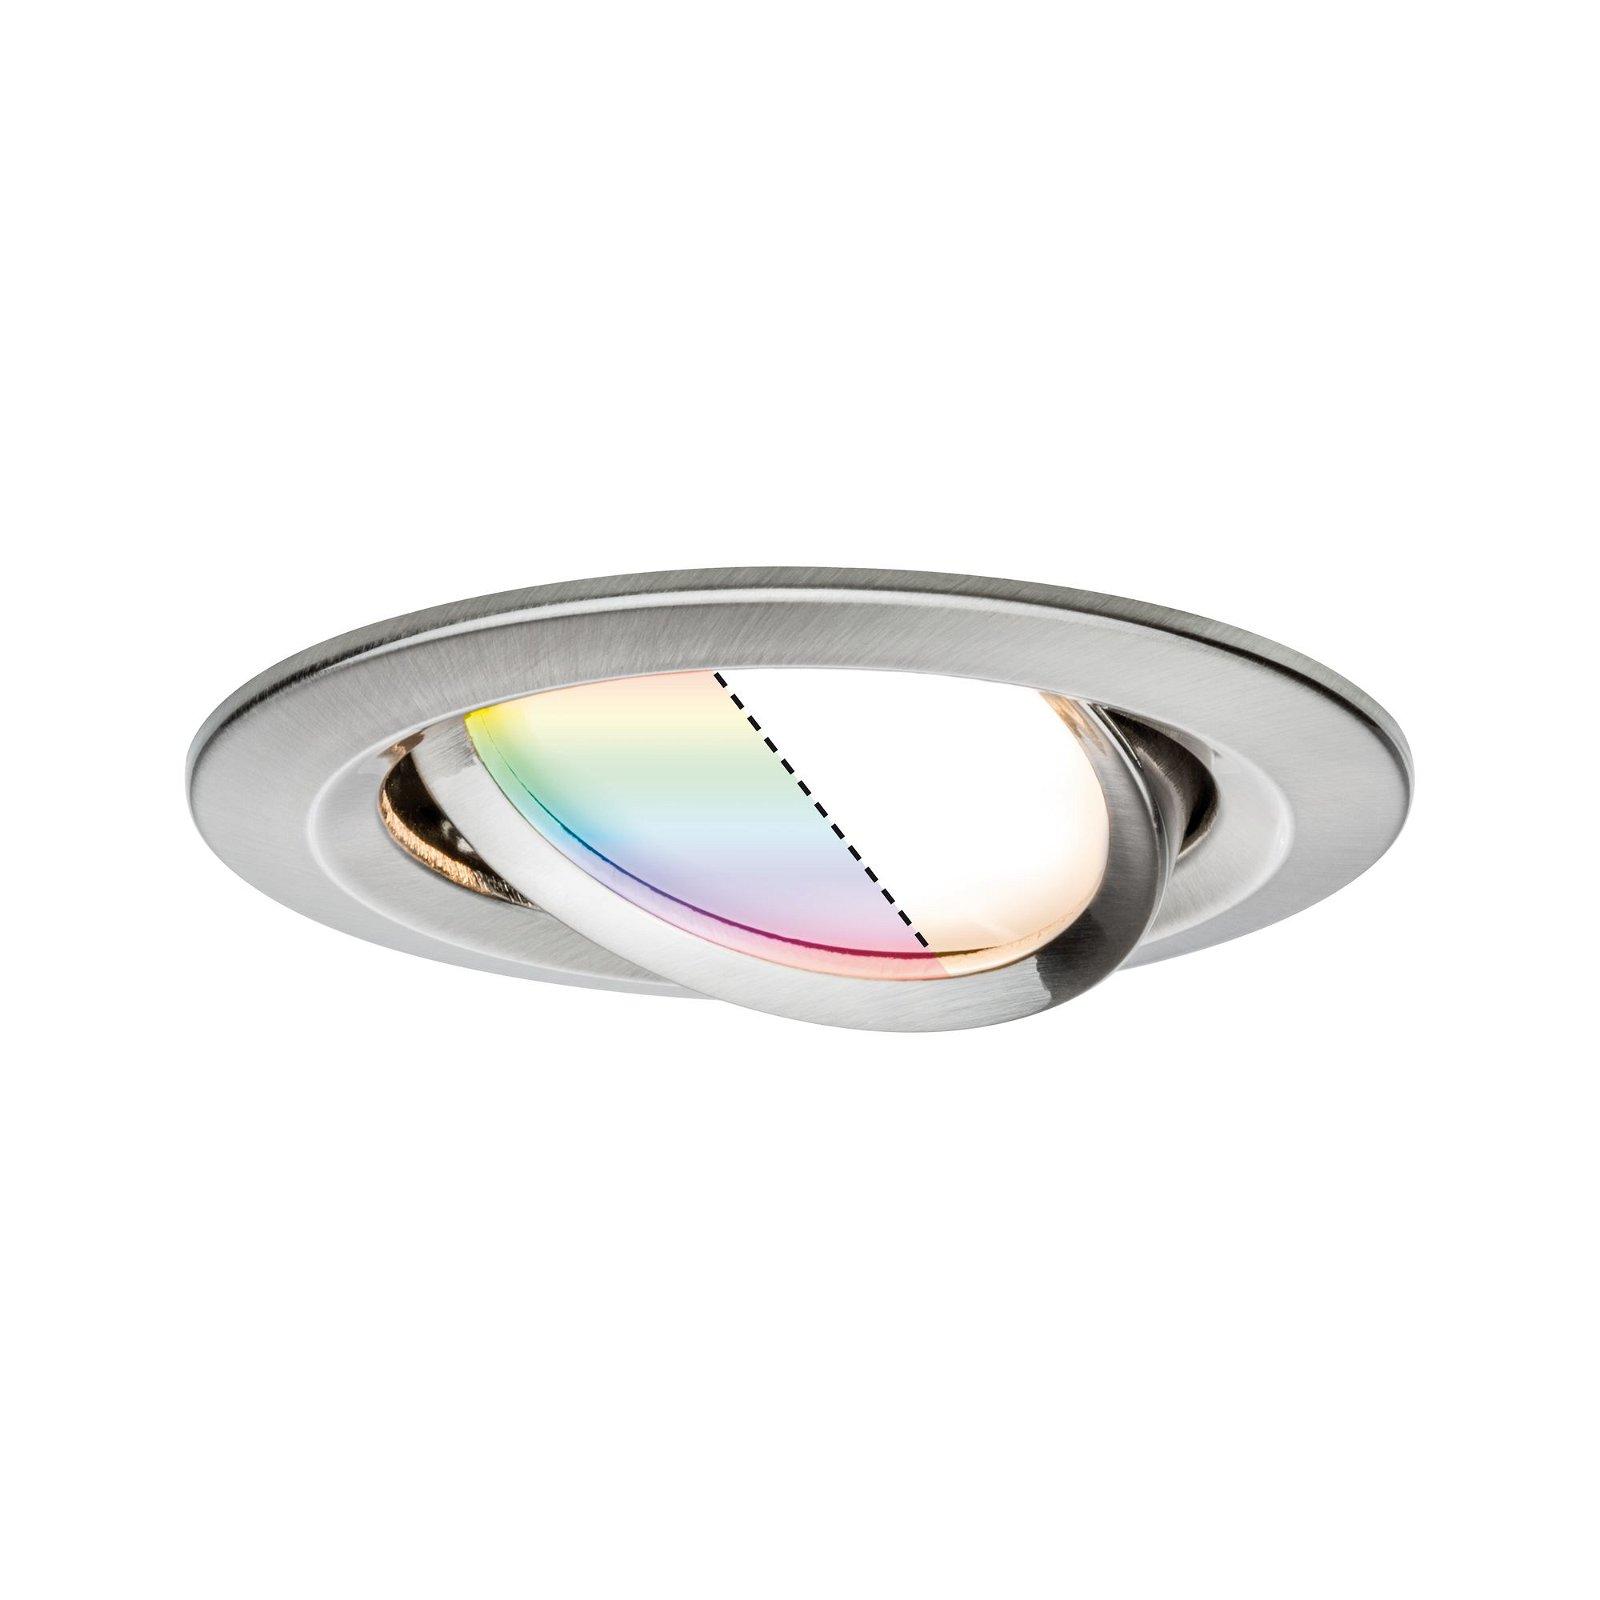 LED Einbauleuchte Smart Home Zigbee Nova Plus Coin schwenkbar rund 84mm 50° Coin 5,2W 400lm 230V RGBW Eisen gebürstet